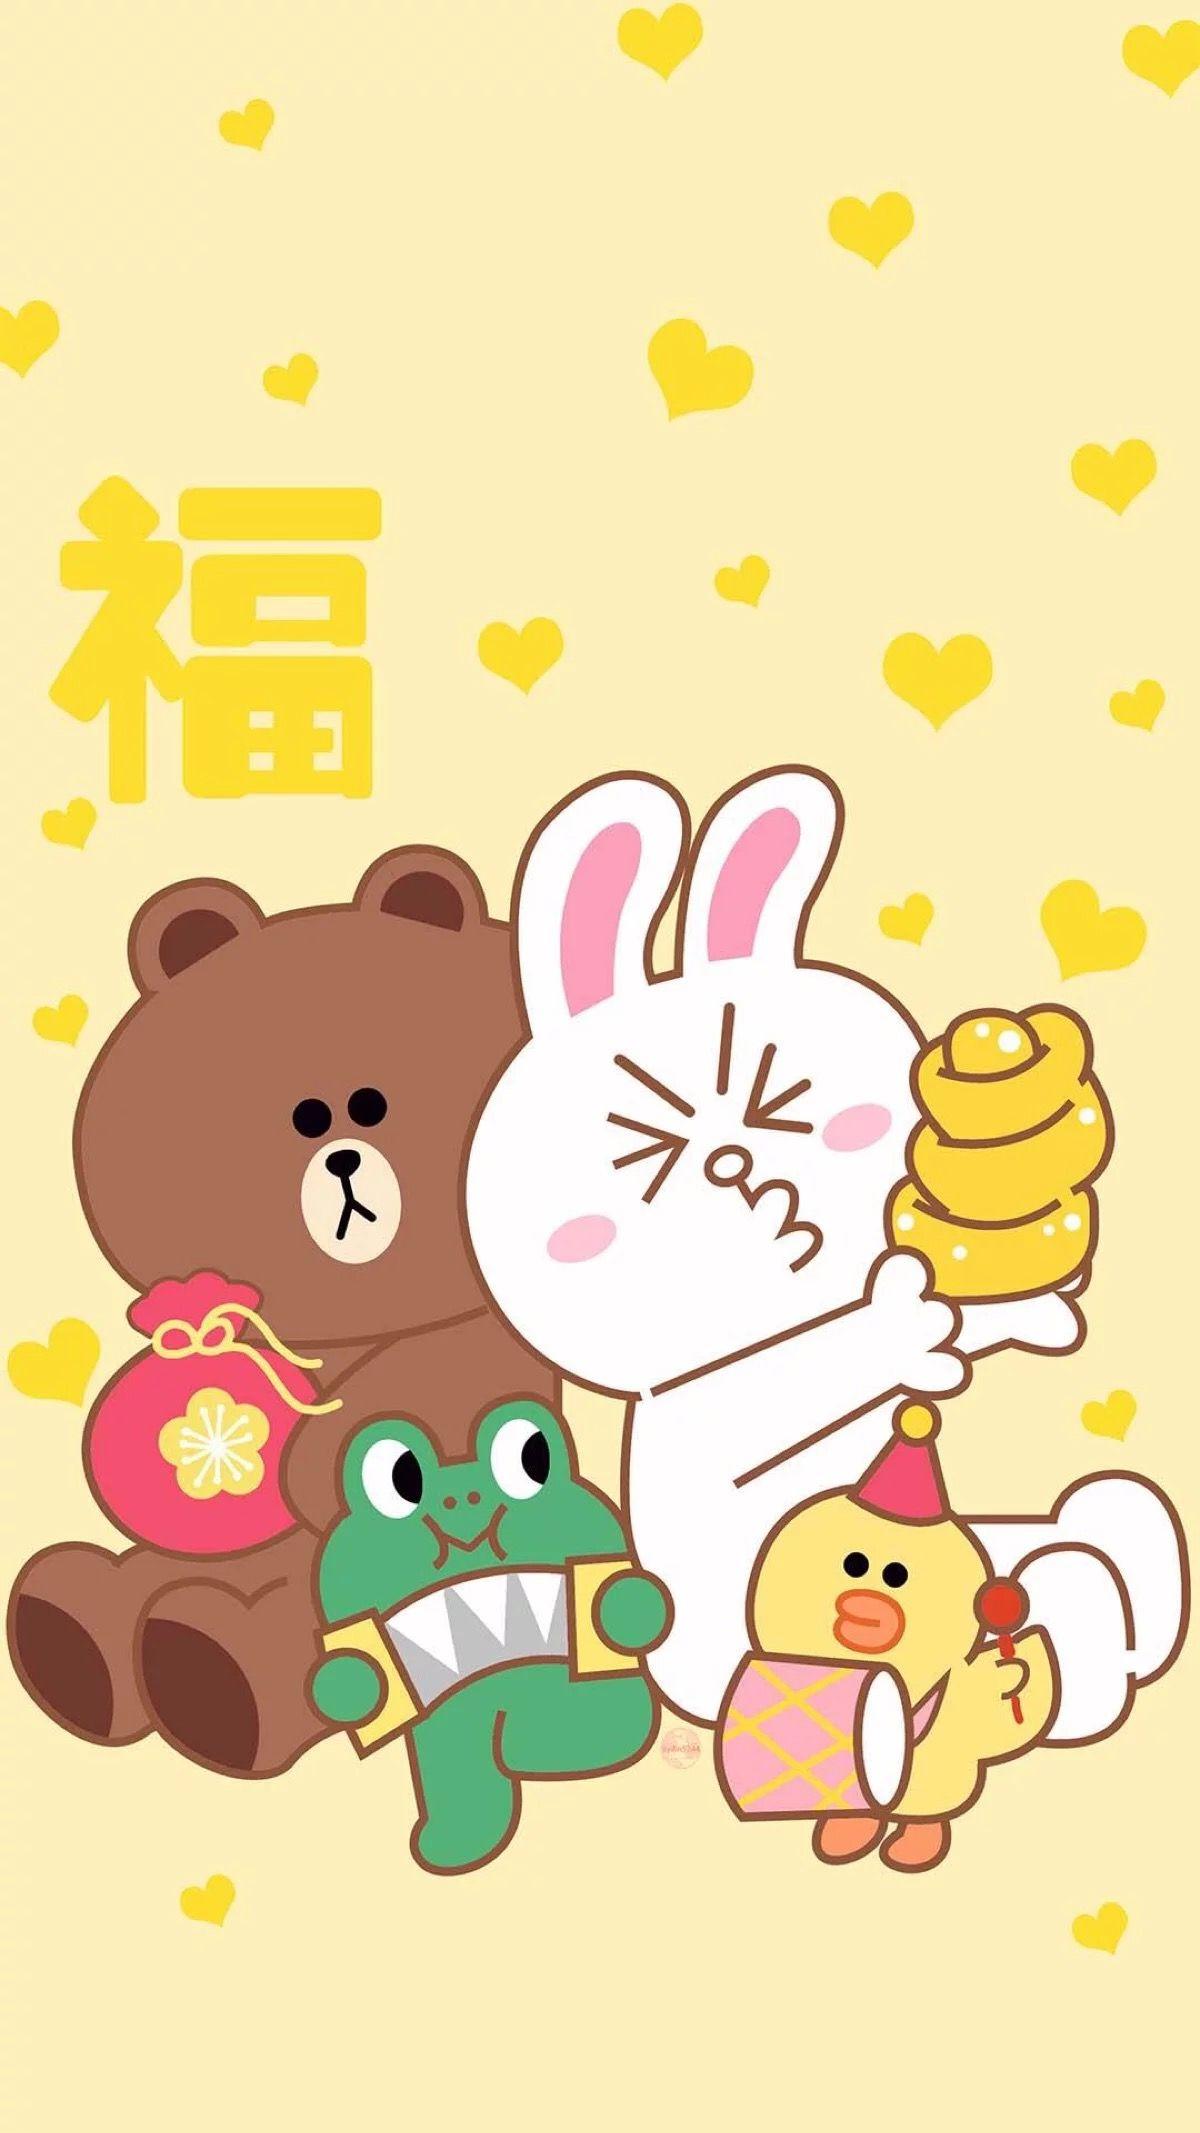 Pin Oleh Lisa Chan Di Wallpaper Line Beruang Coklat Wallpaper Lucu Lucu